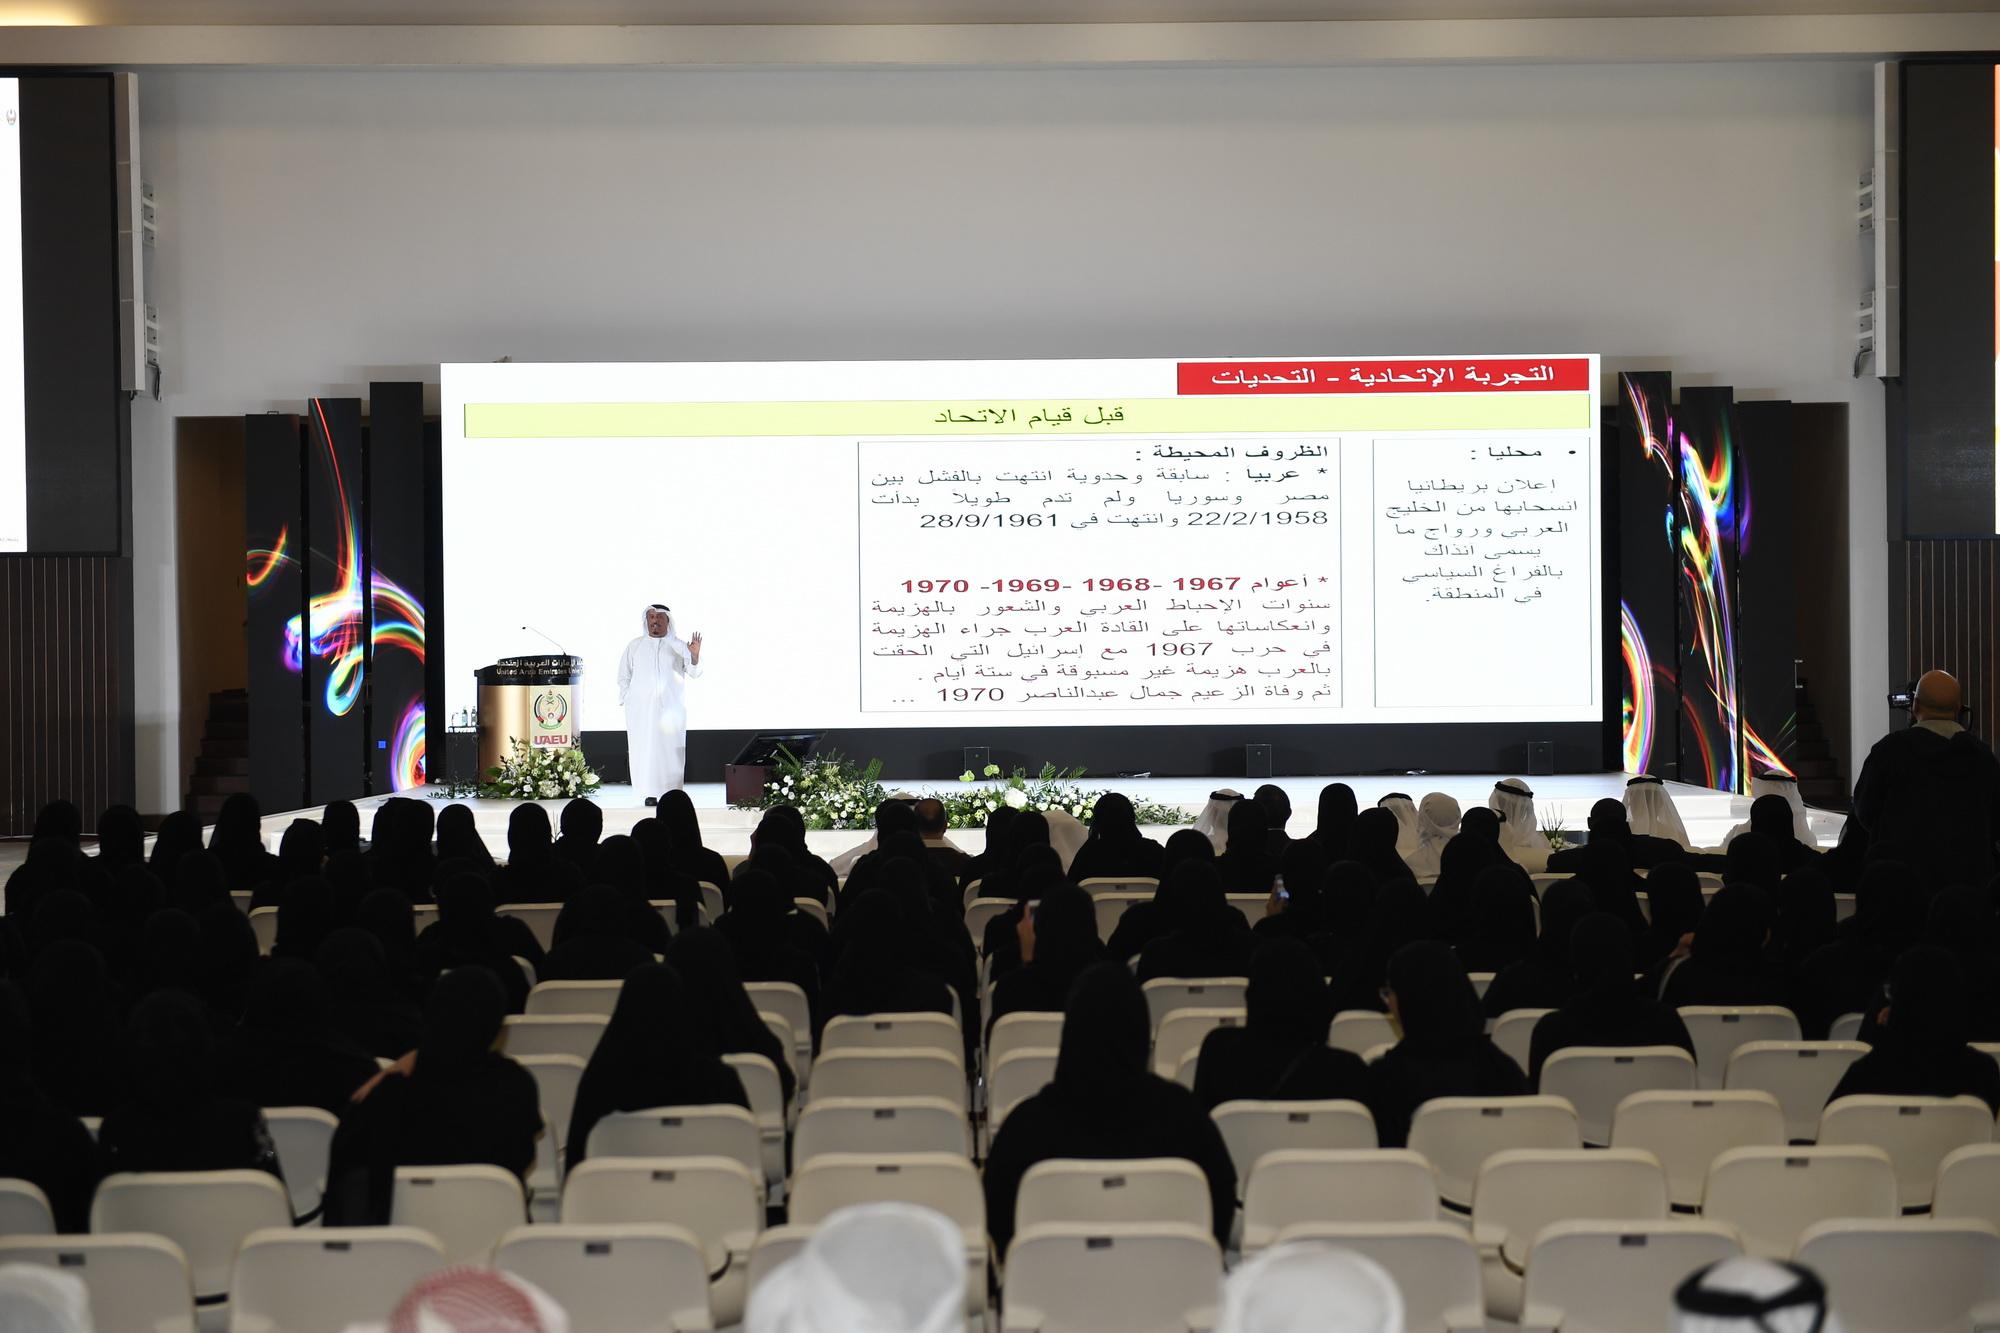 جامعة الإمارات تحتفي بتخريج الدفعة الأولى من برنامج القيادات الطلابية